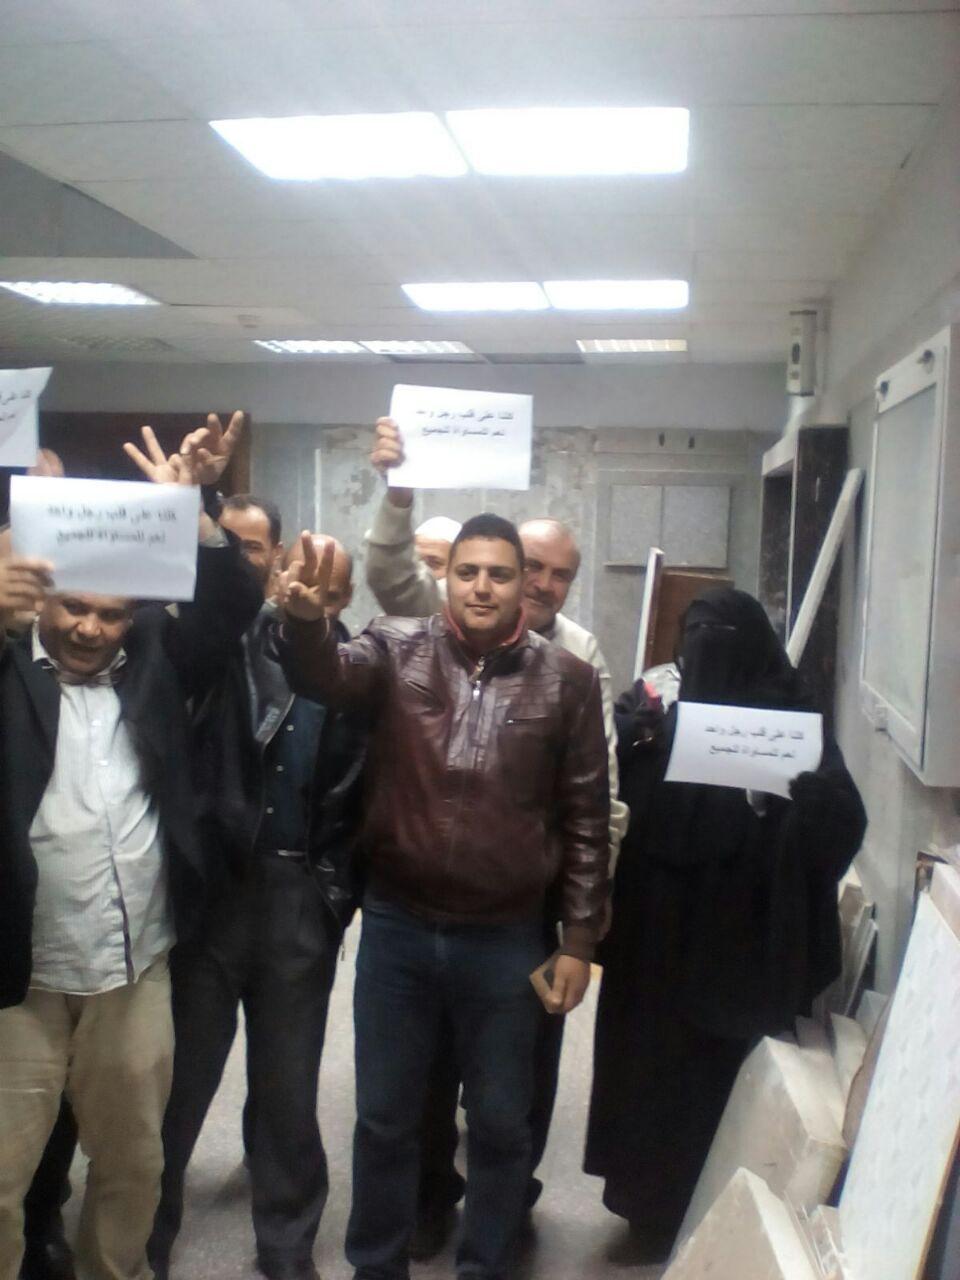 صور | وقفات احتجاجية للعاملين في التأمين الصحي للمطالبة بكادر المهن الطبية: «أين المساواة؟»